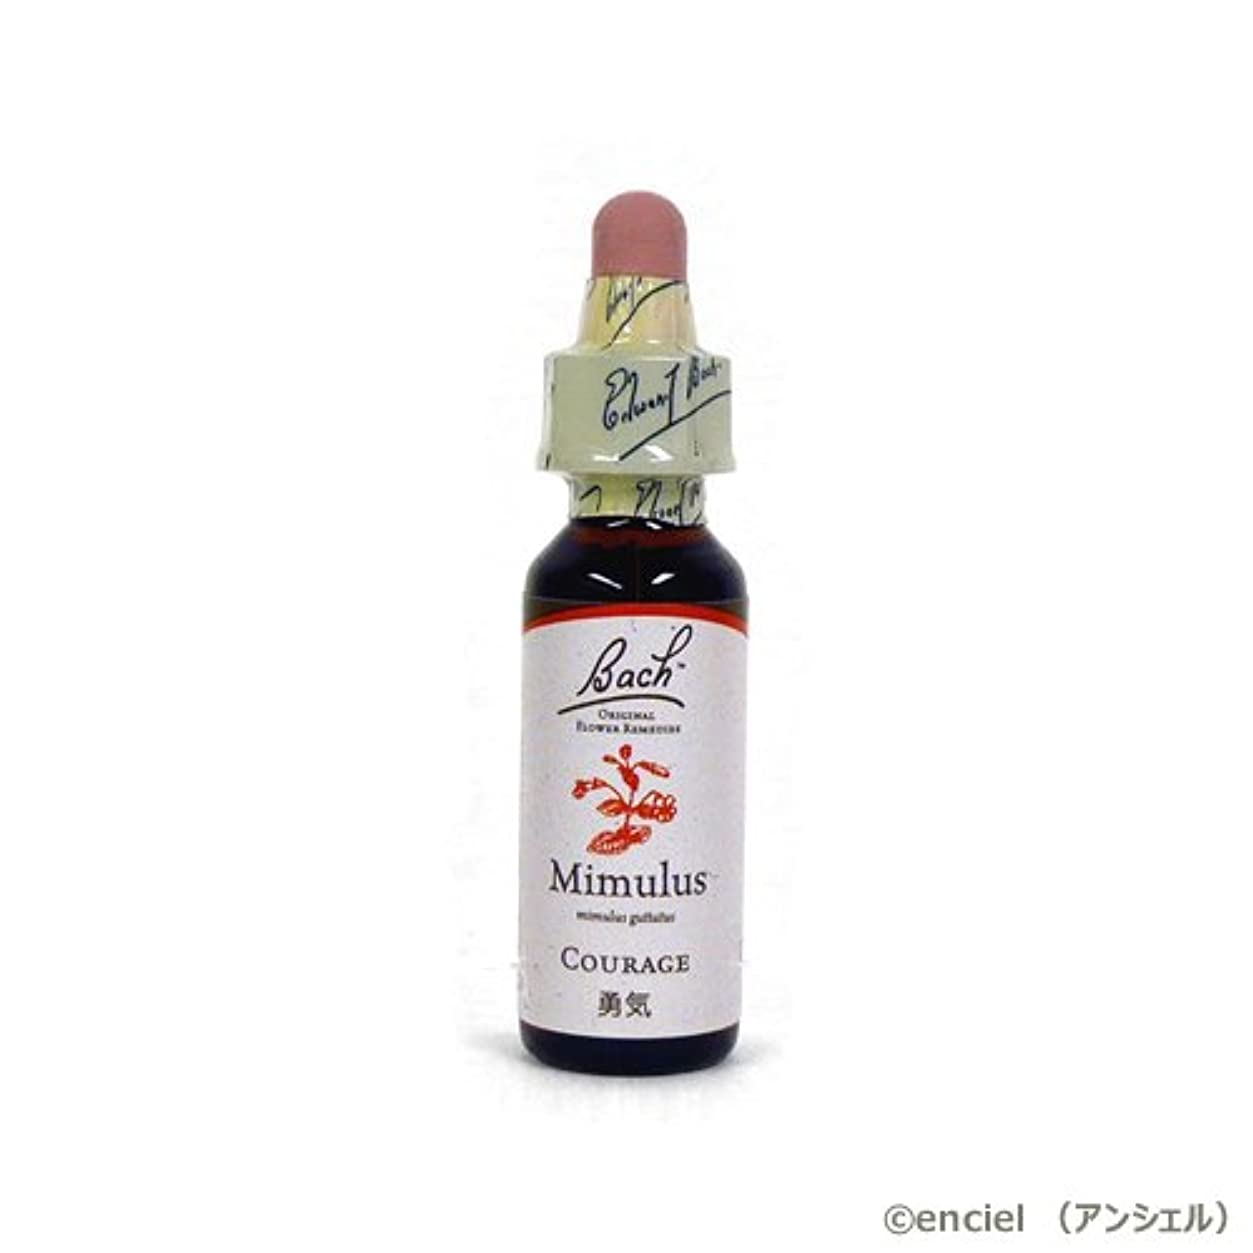 事前にリース根絶するバッチフラワー レメディ ミムラス 10ml グリセリンタイプ 日本国内正規品